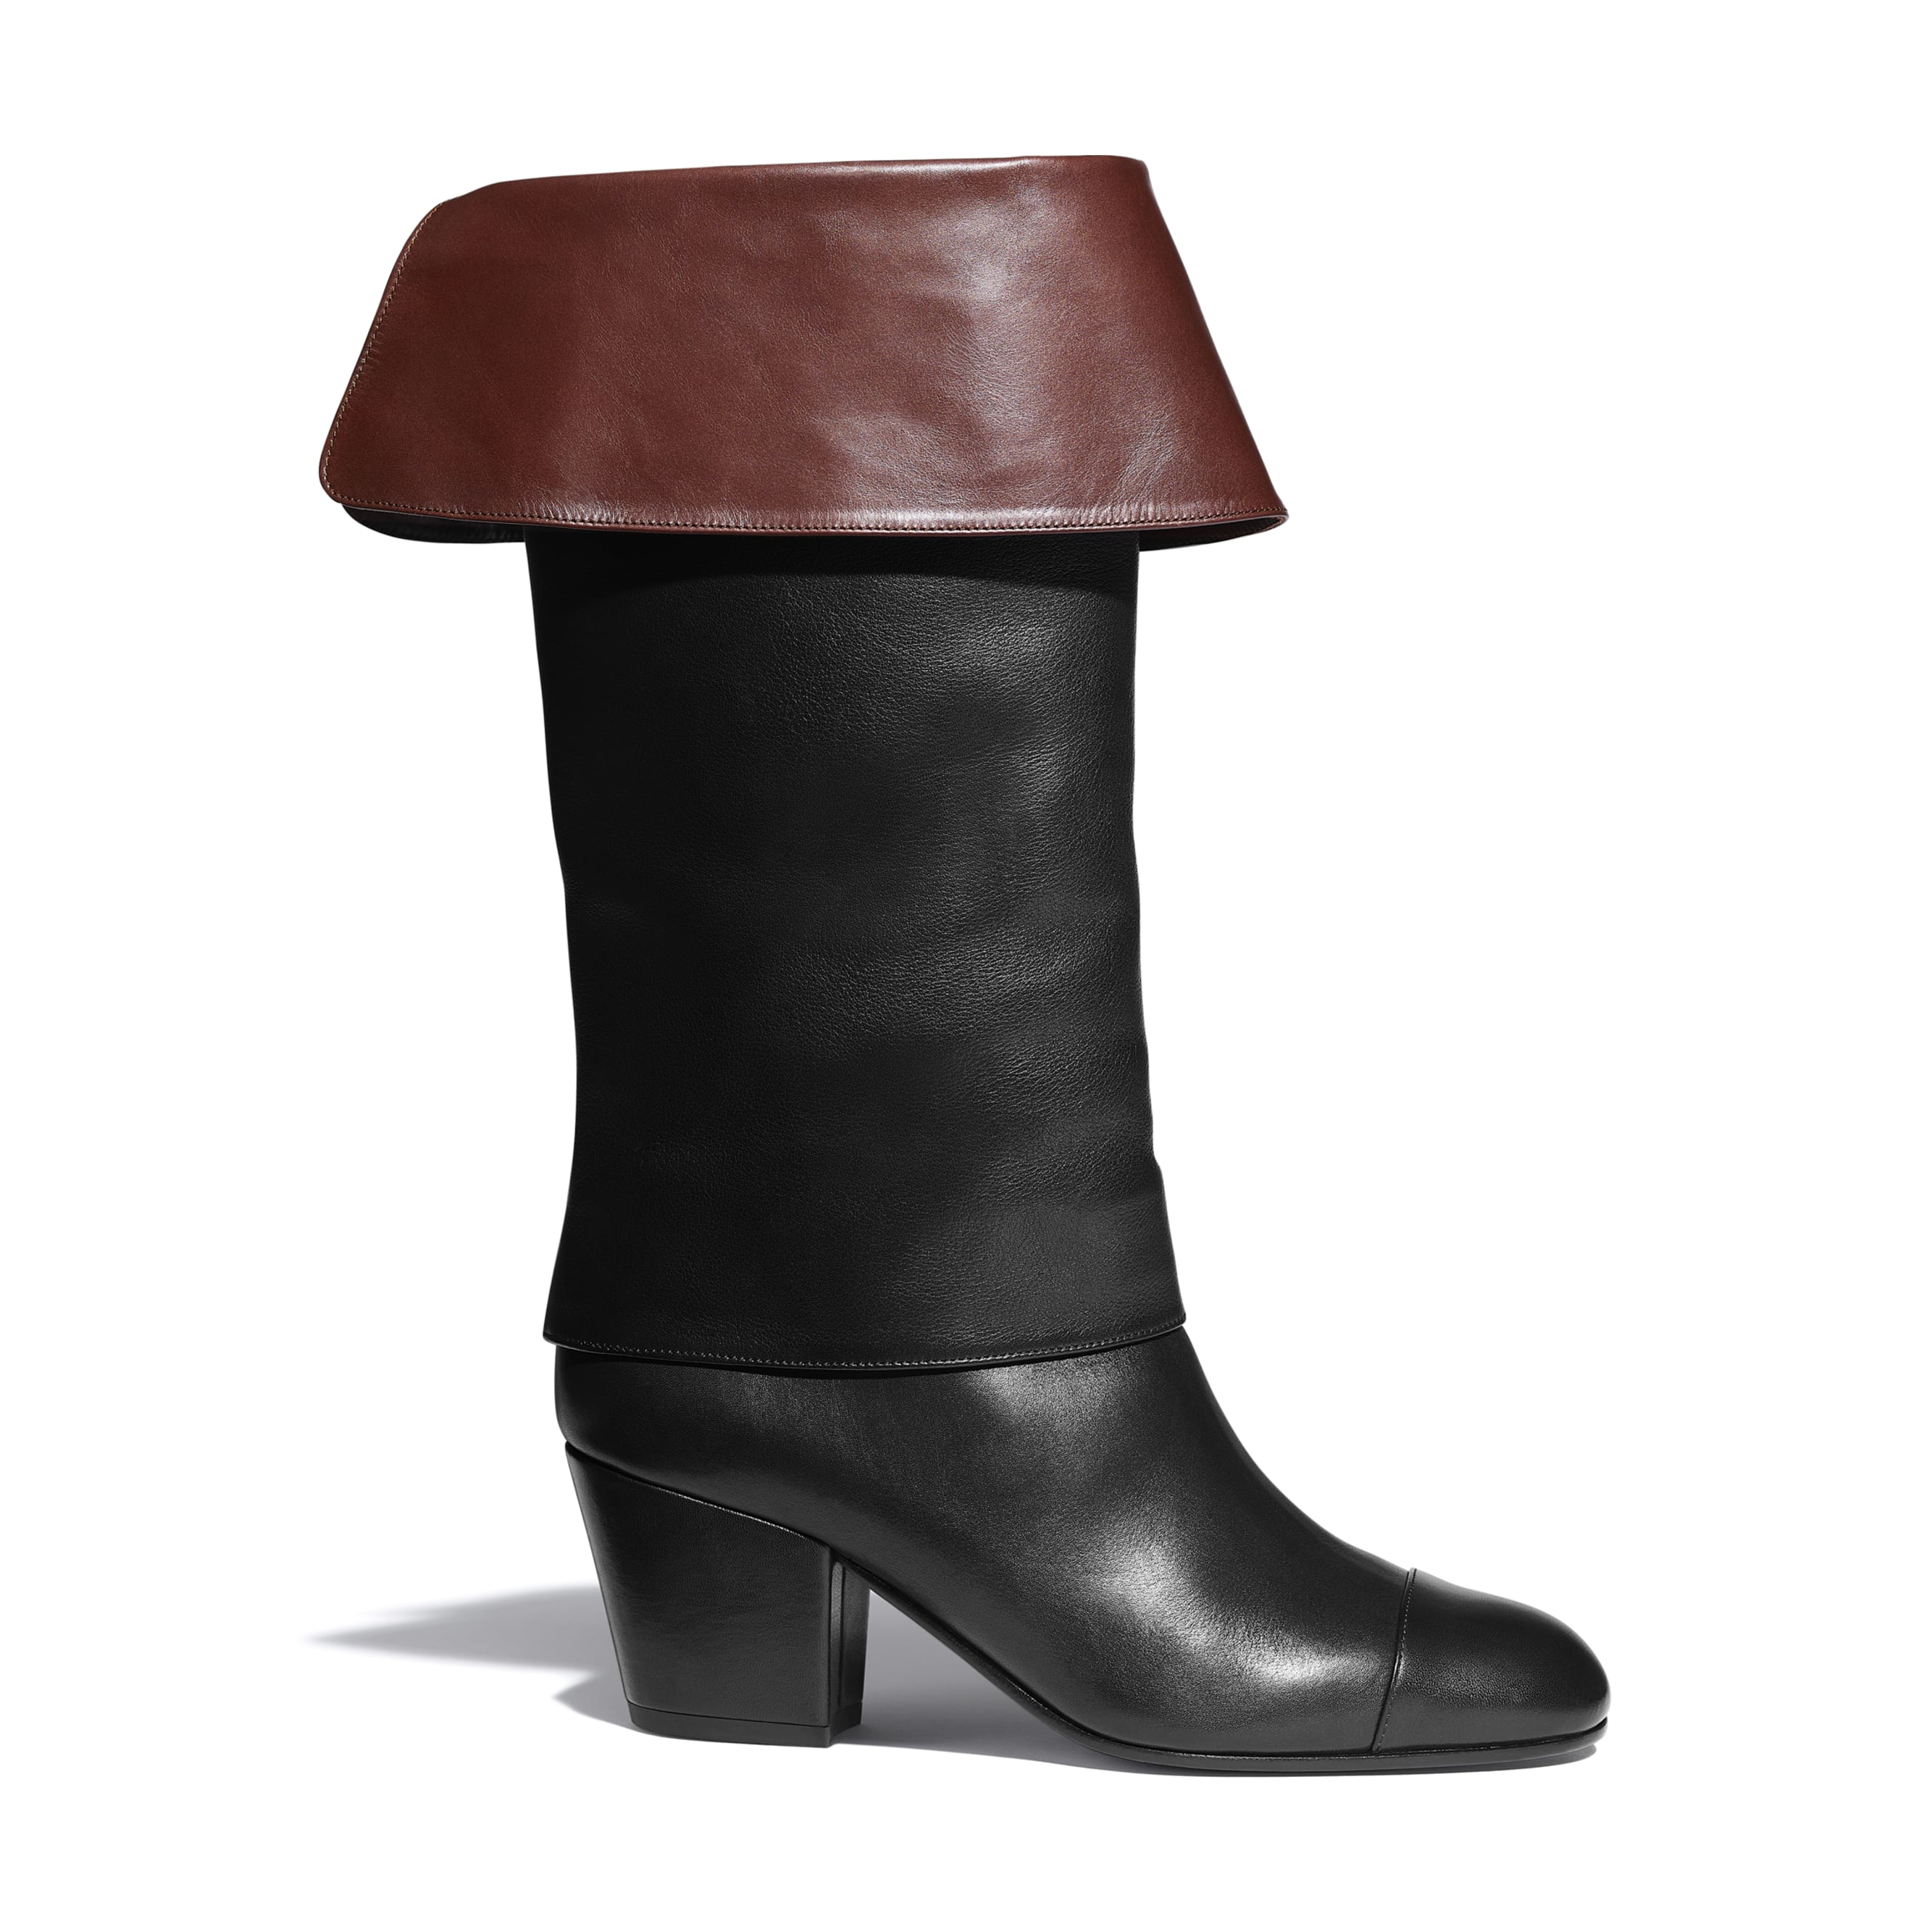 Сапоги - Черный и коричневый - Кожа теленка - CHANEL - Вид по умолчанию - посмотреть изображение стандартного размера